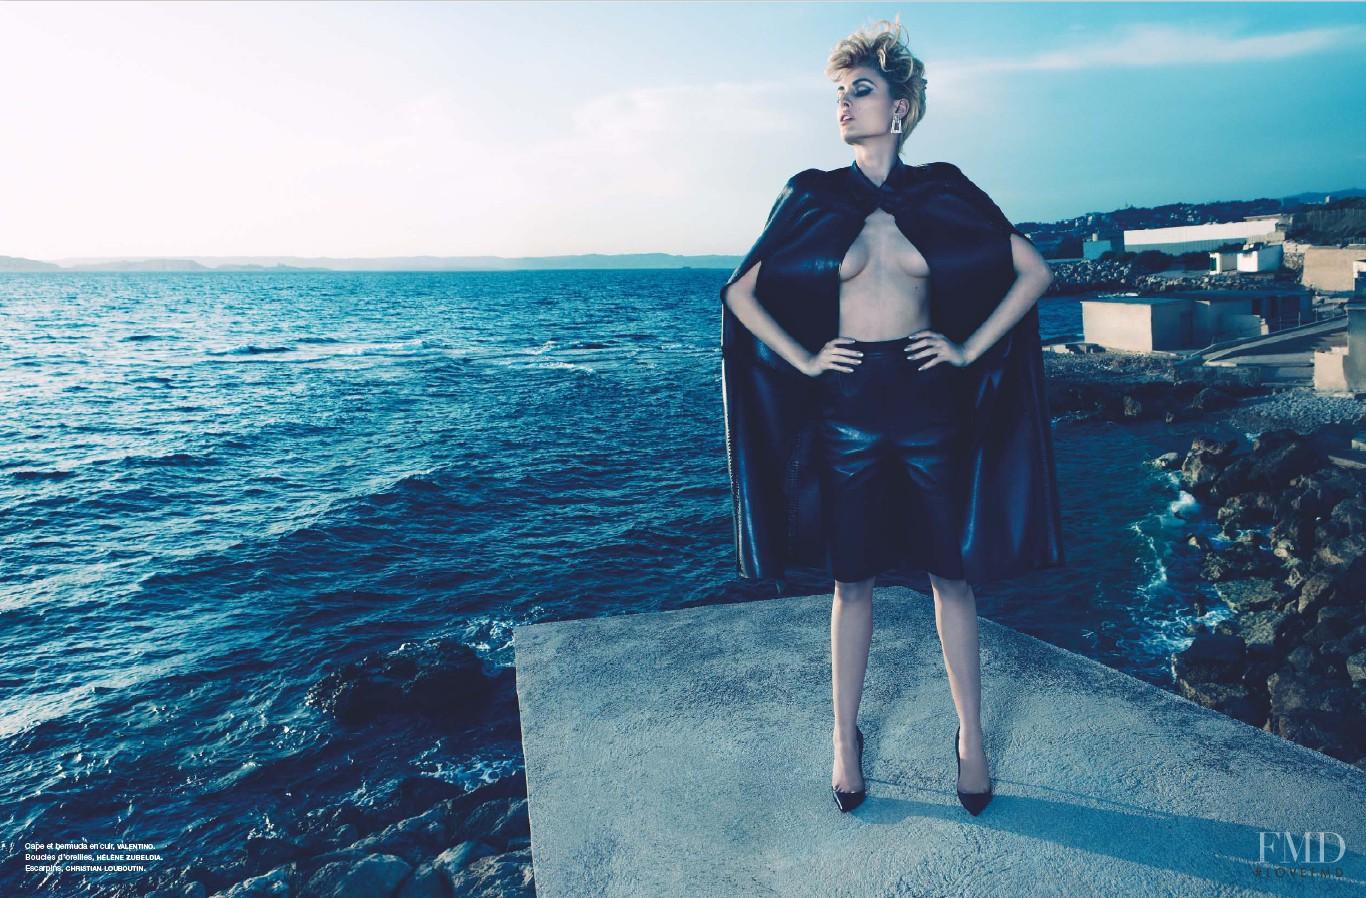 Supremacy: Top 50 Models - Página 21 5561-2301-21245-14924-fullsize